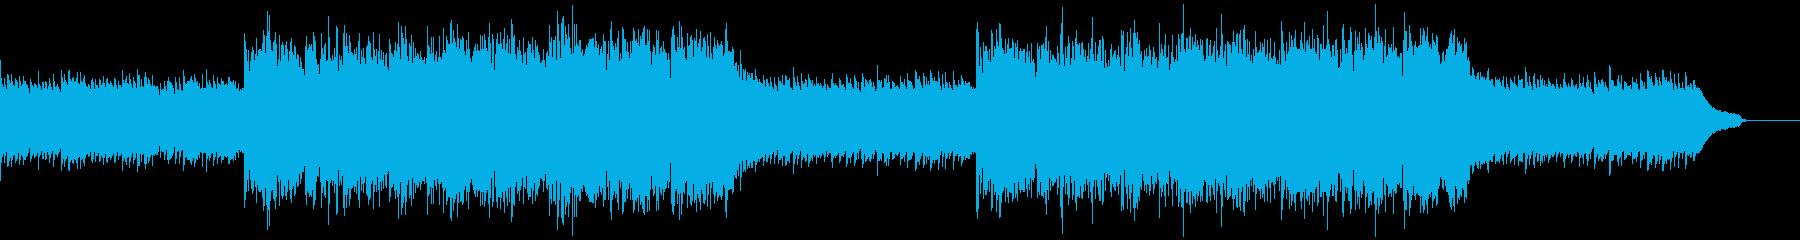 企業VP映像、164オーケストラ、希望Lの再生済みの波形